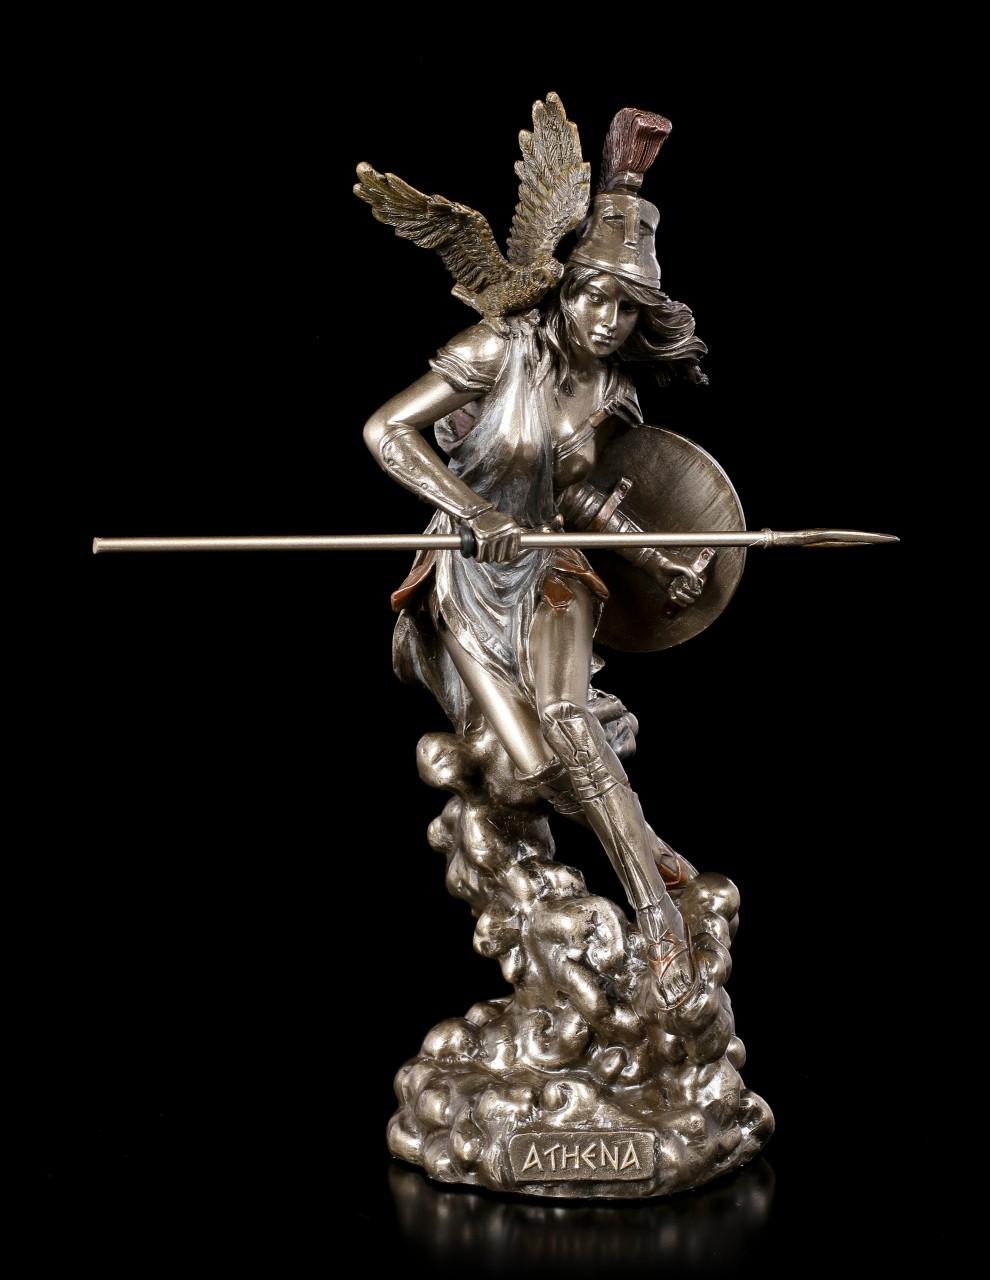 Athena Figurine - Greek Goddess with Owl